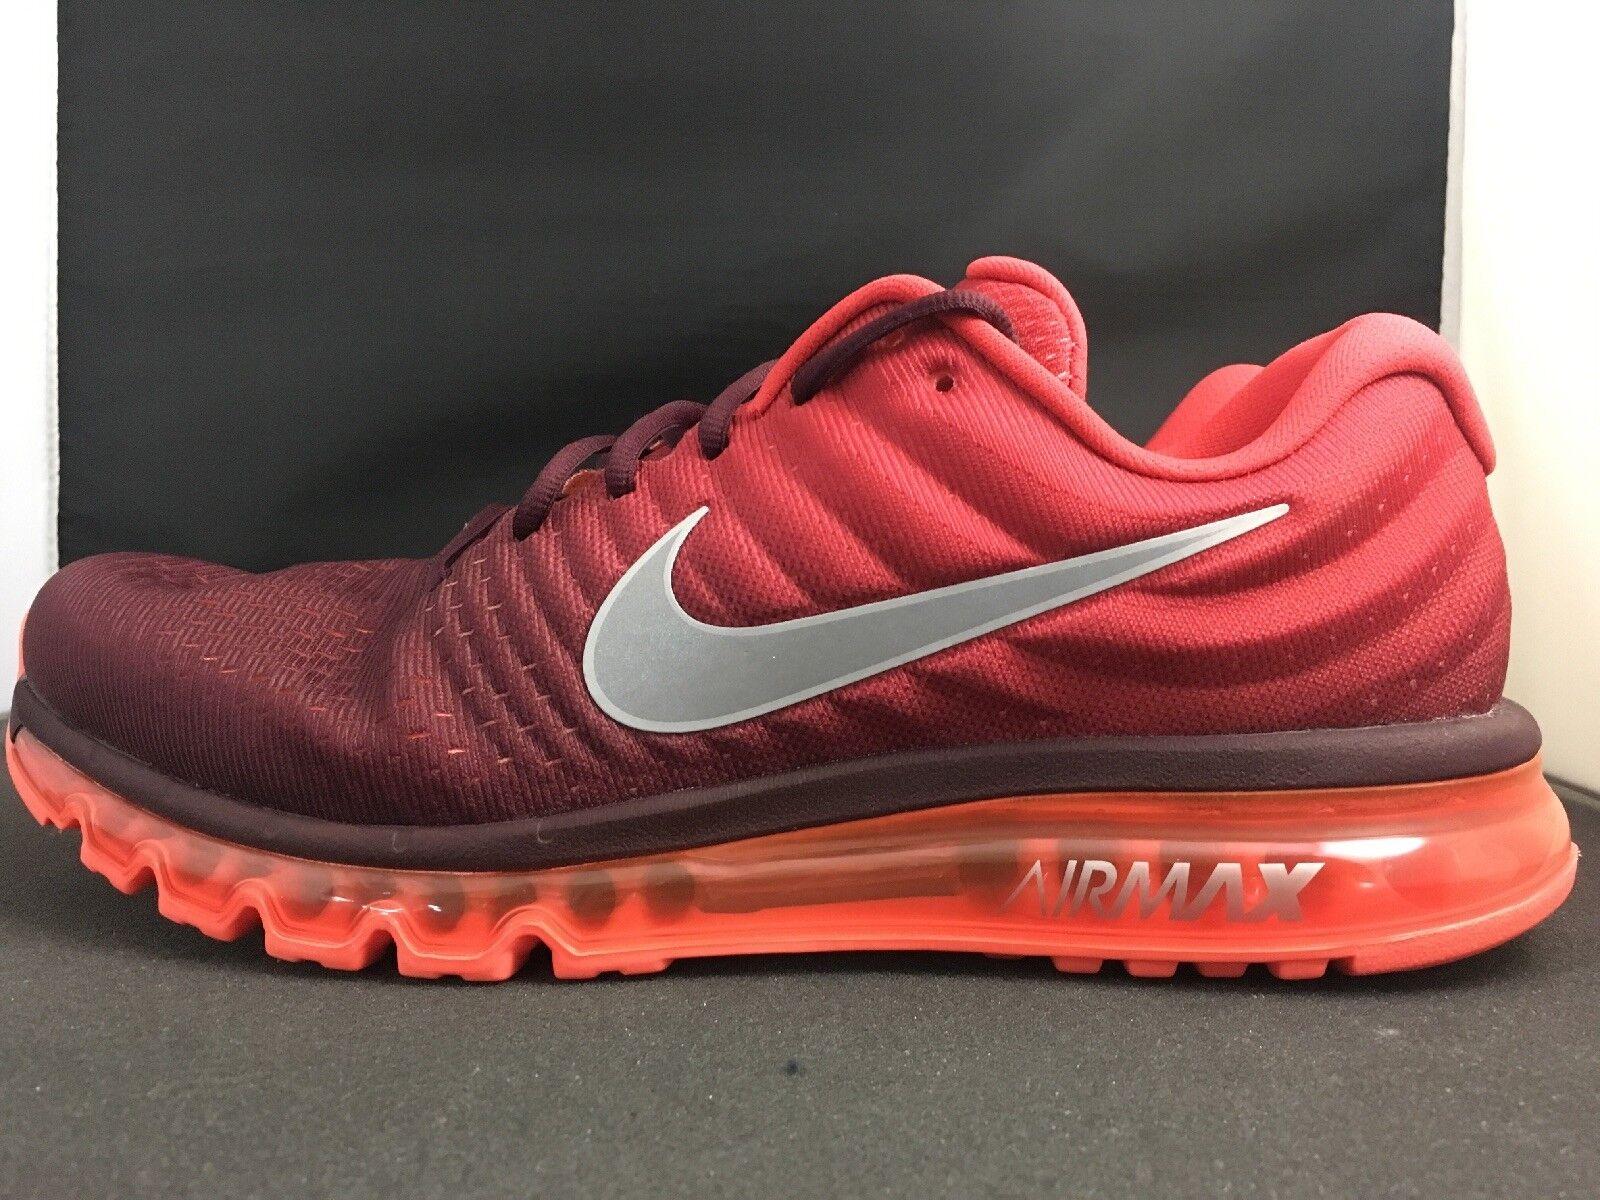 Nike air max 2017 alle roten 849559-601 herren laufschuhe größe.